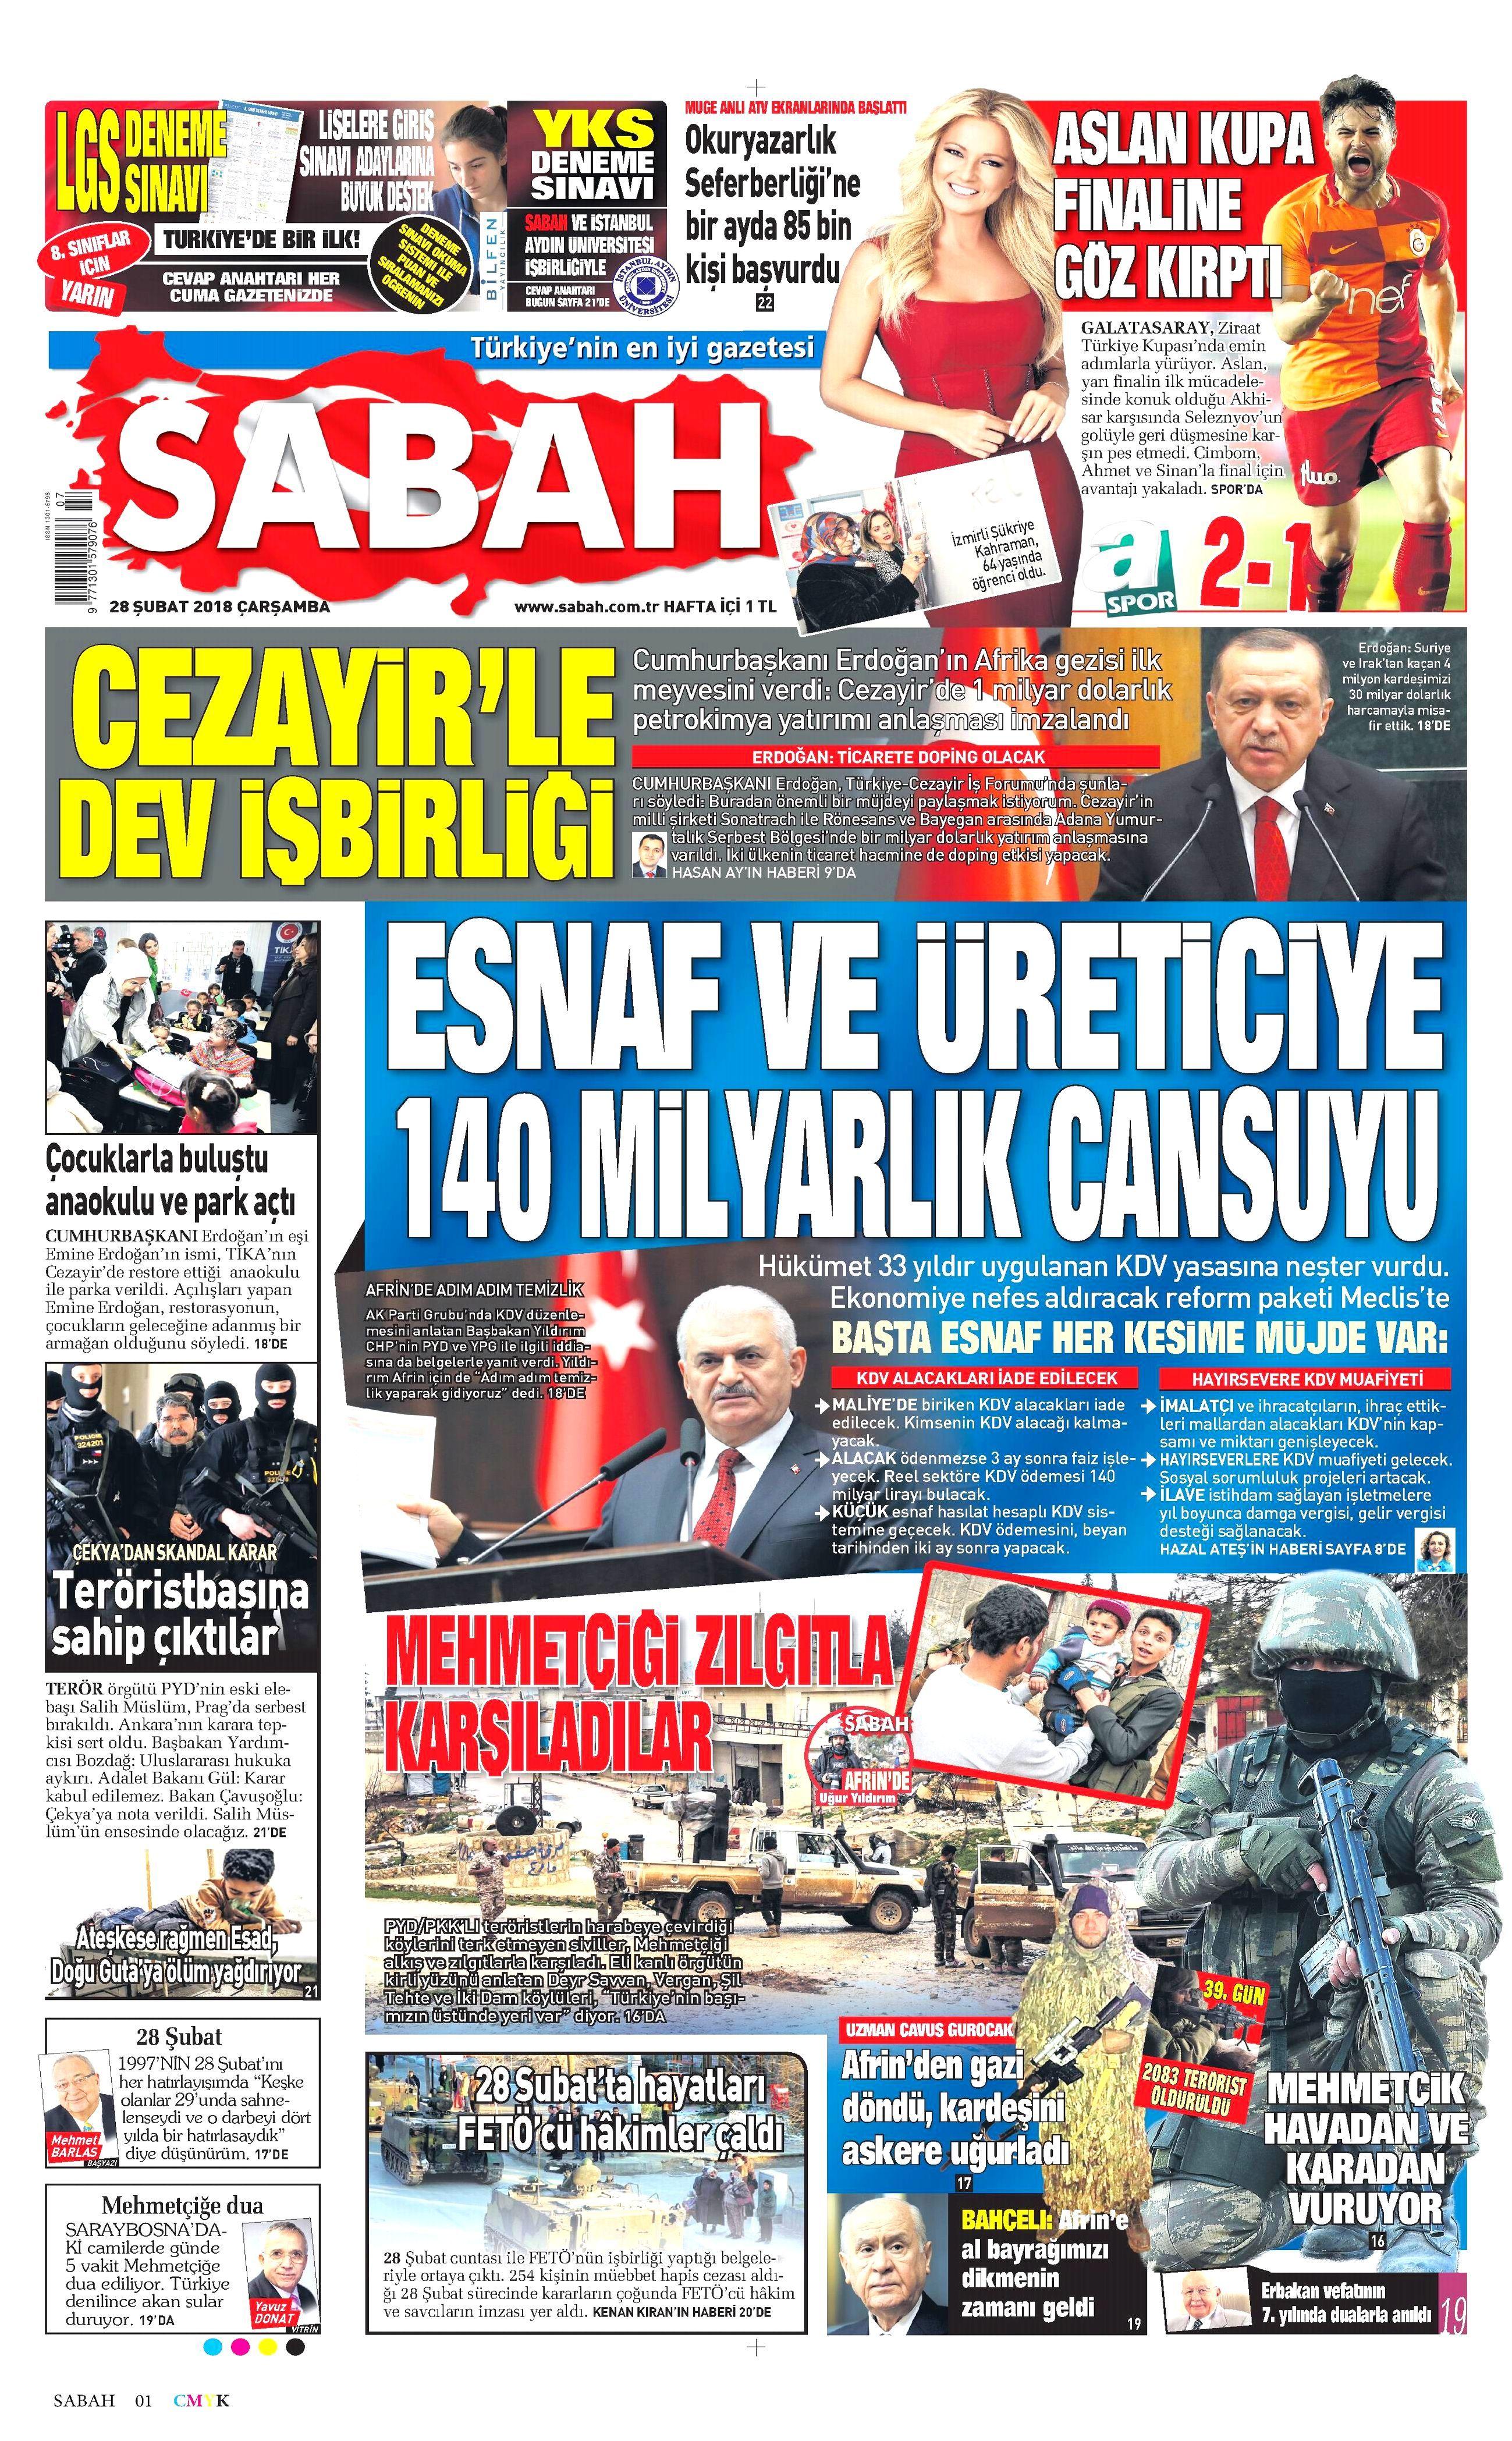 Sabah Gazetesi - Sabah Manşet Oku - Haberler